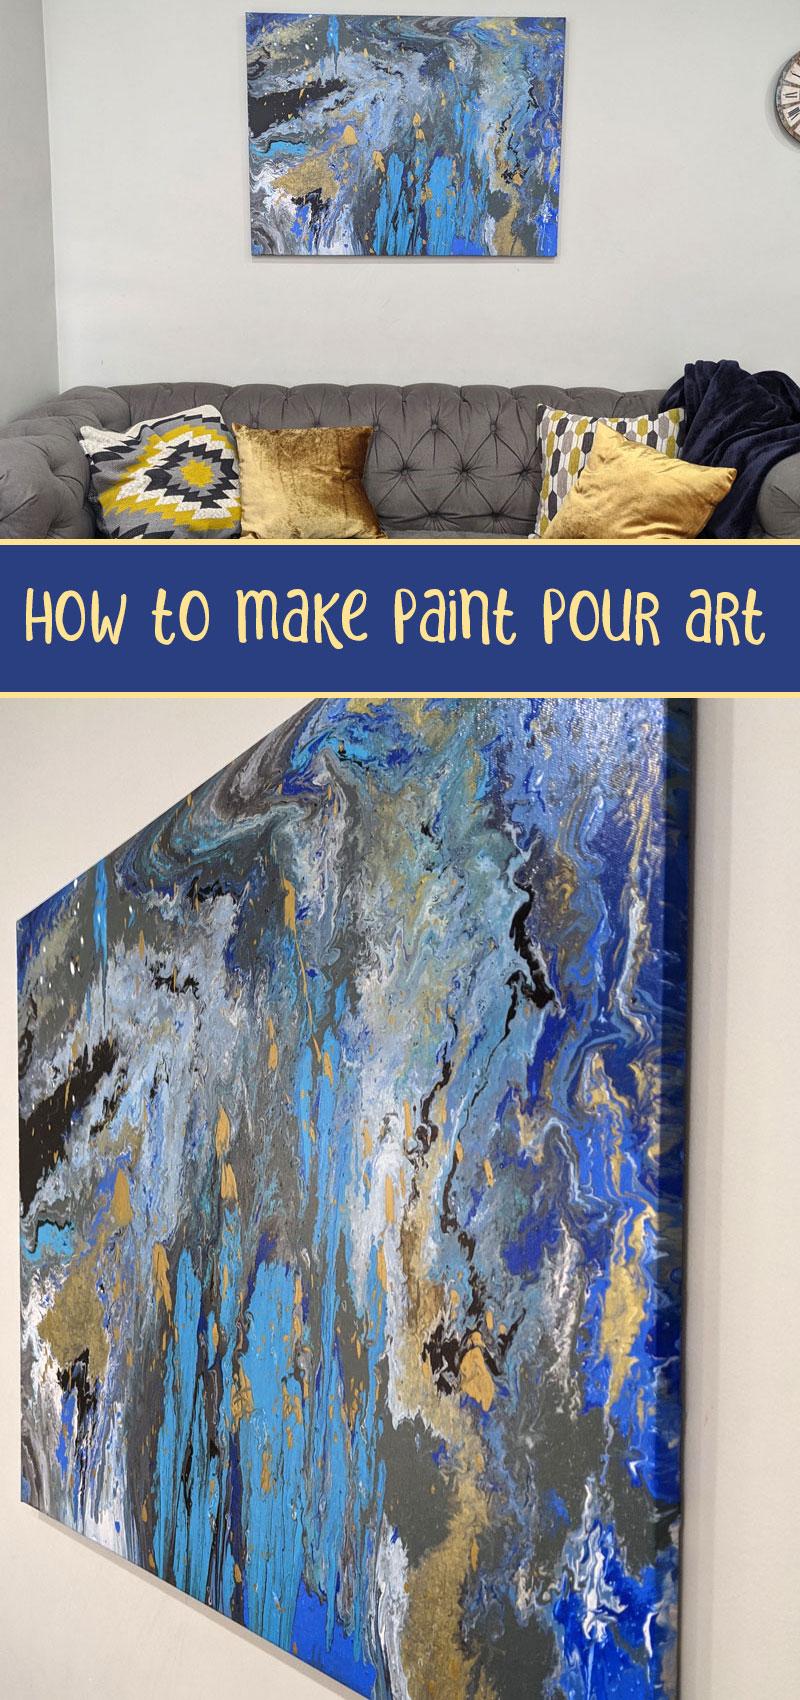 Poured paint art main hero